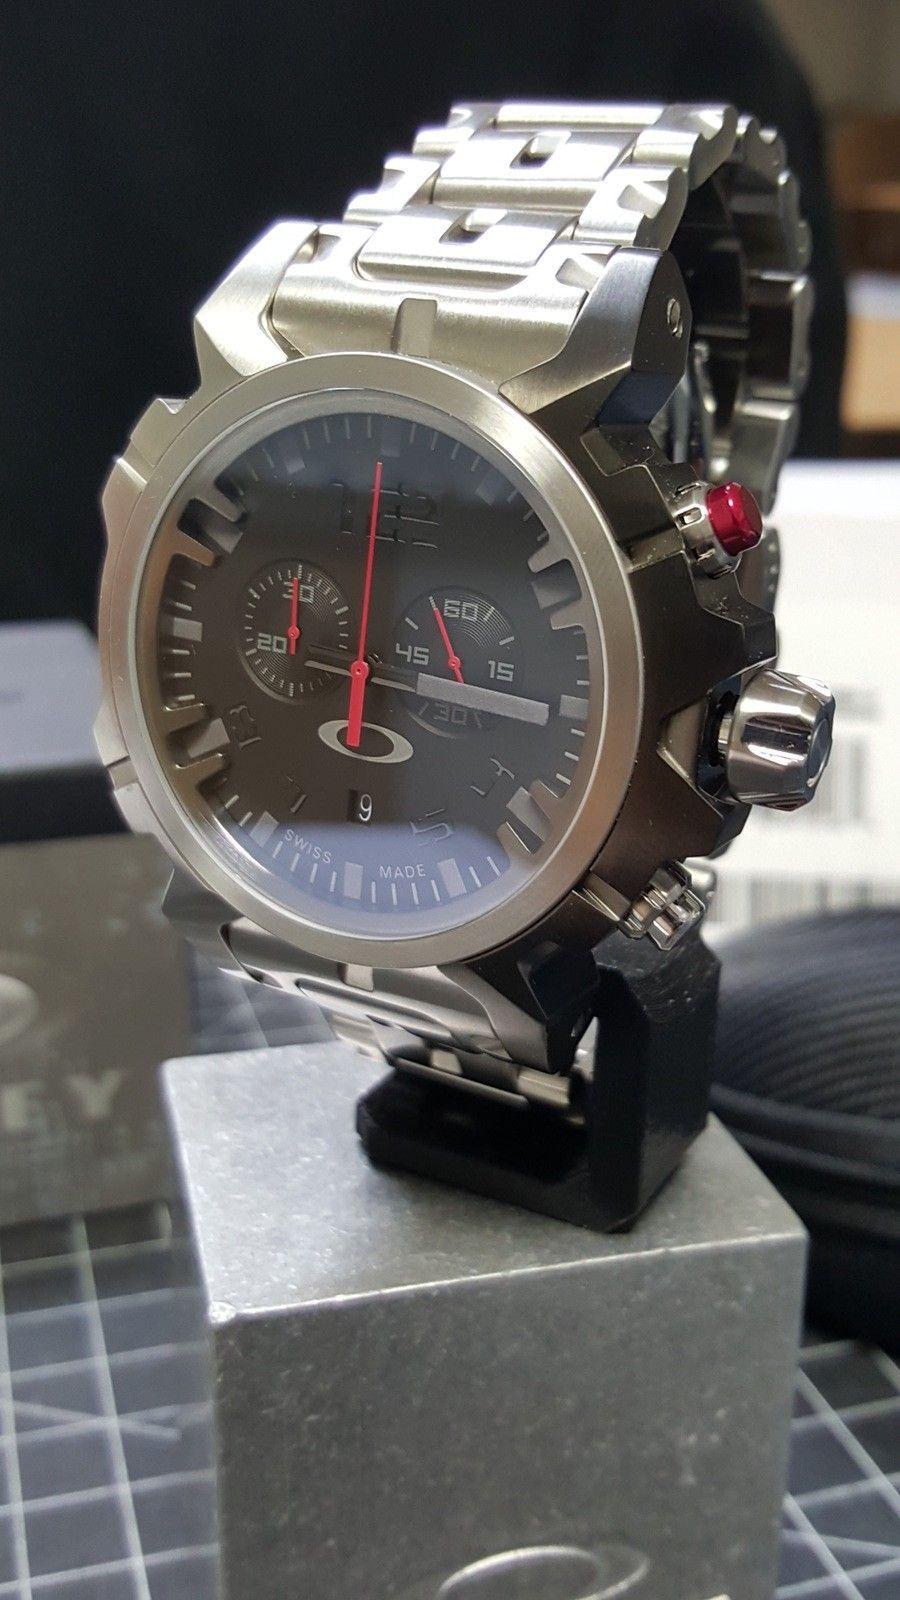 Double Tap - 800.00 Watch - Total Cost - Nib. w/metal bracelet w/case CONUS - 20160111_095050.jpg